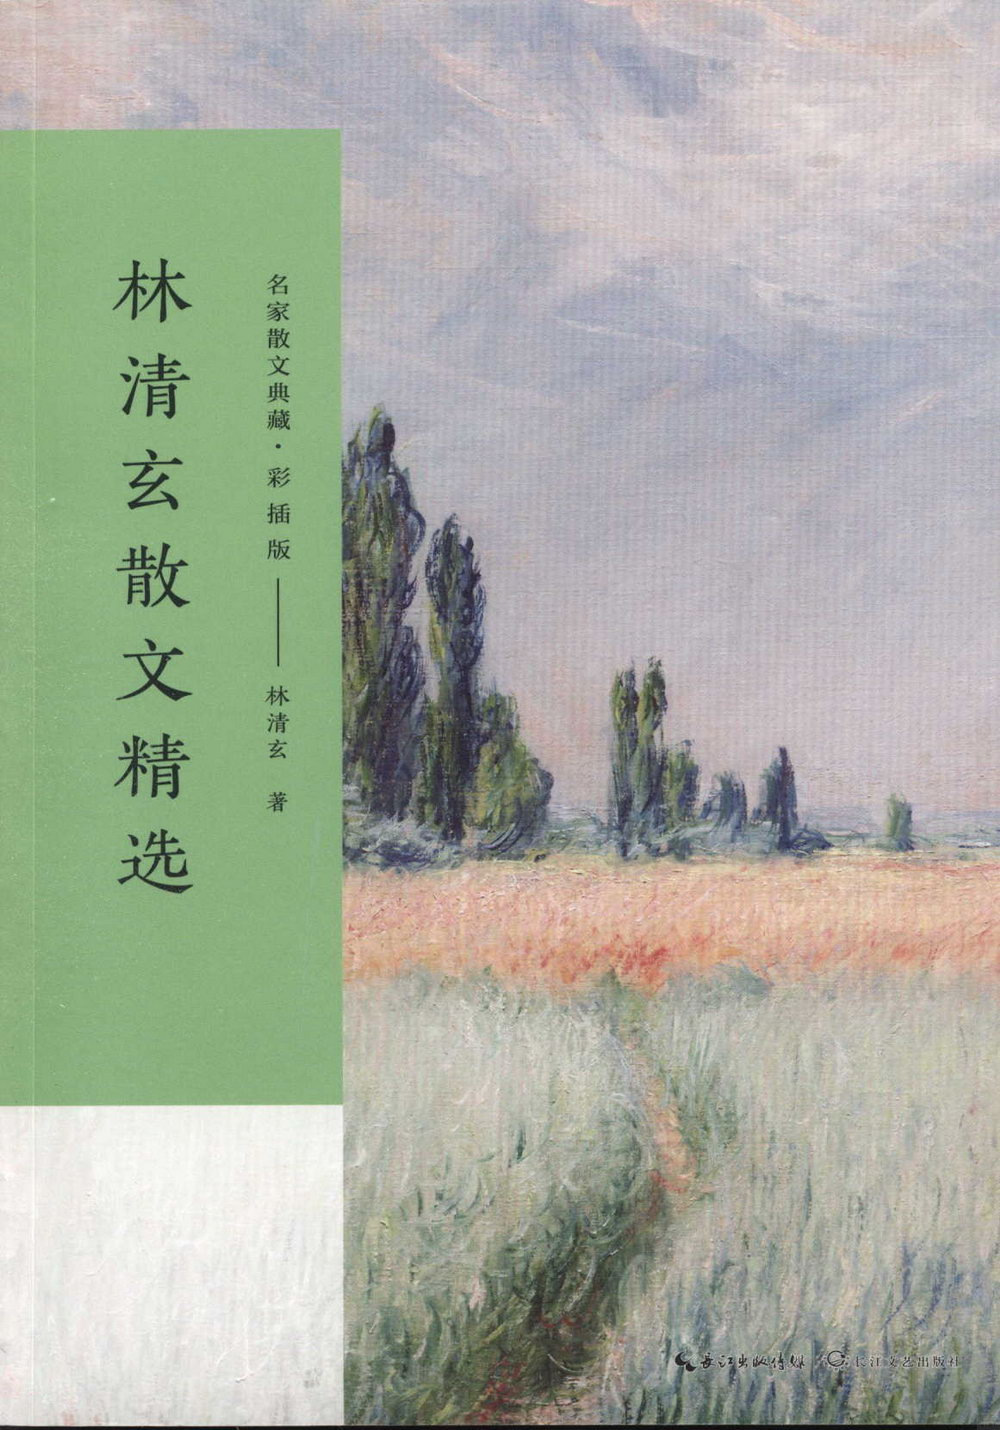 林清玄散文精選(彩插版)